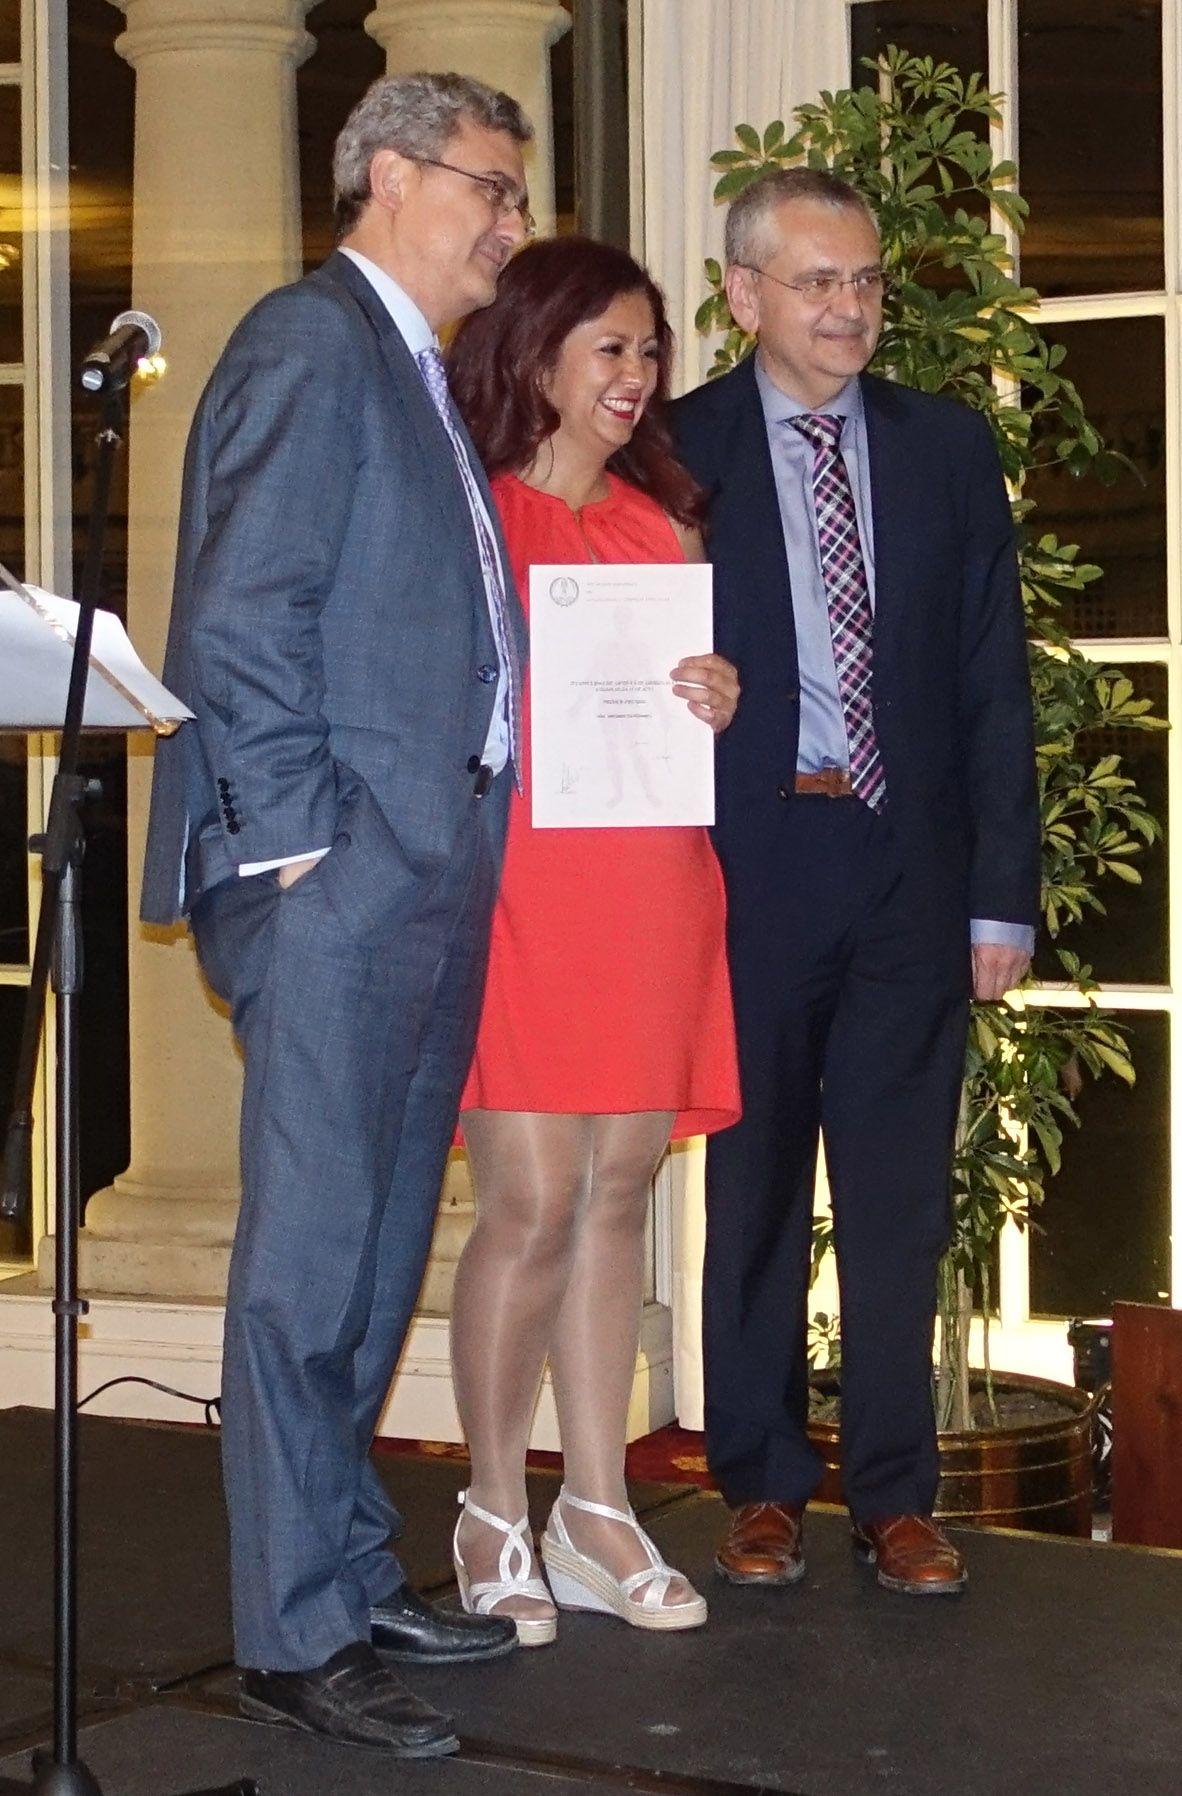 La doctora Briones recogió el jueves el premio de la Sociedad Española de Angiología y Cirugía Vascular a la prueba diagnóstica diseñada junto al estudiante de la CEU-UCH Manuel Sos.